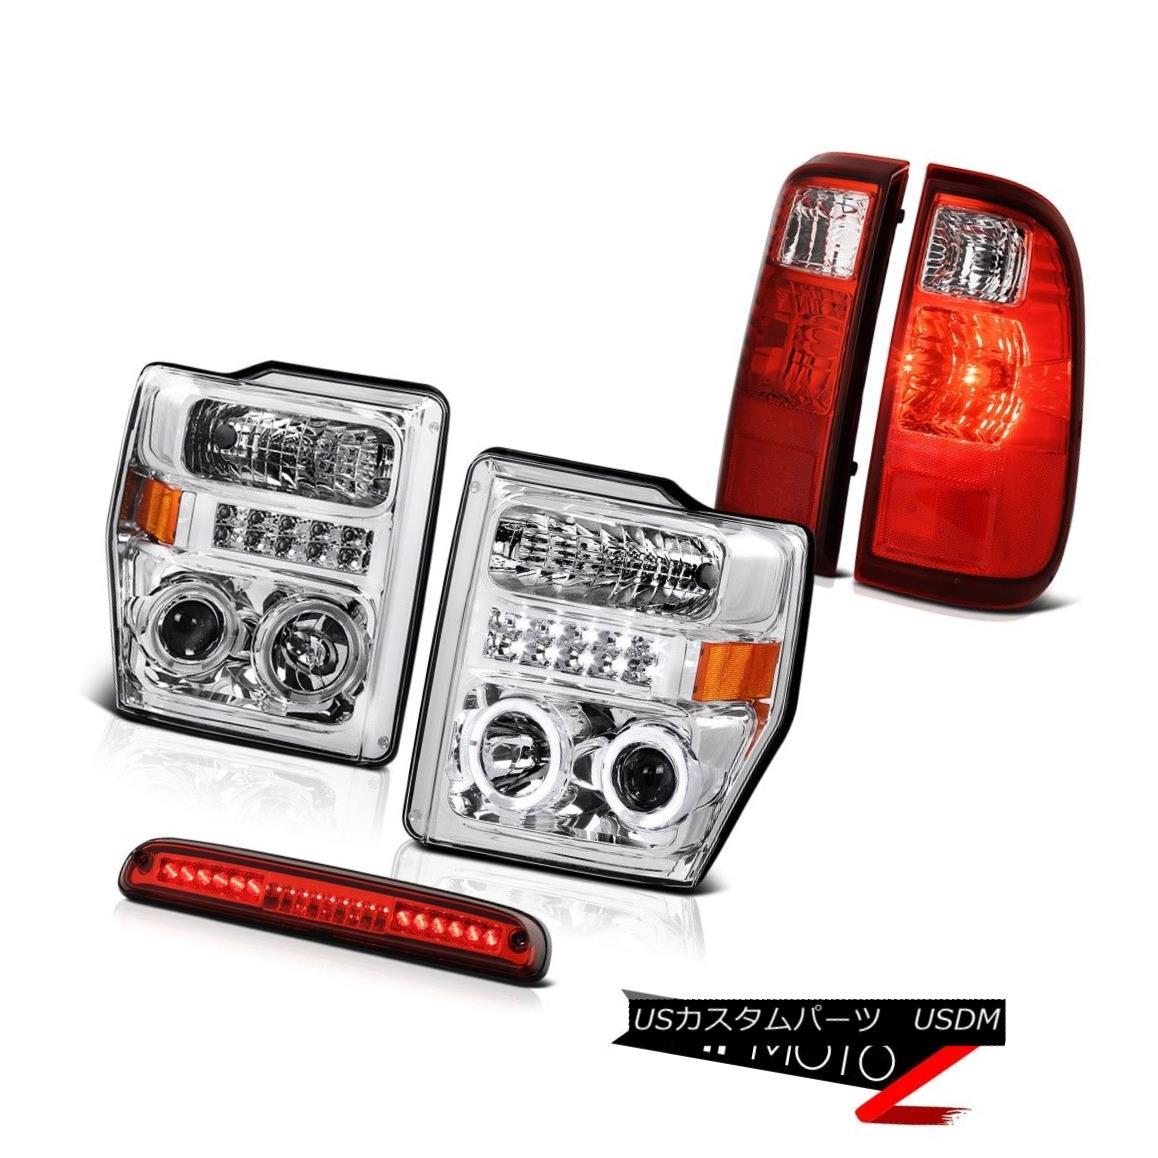 テールライト Chrome Halo DRL SMD Headlights Roof Brake LED Red Taillight 08-10 Ford F250 5.4L クロームハローDRL SMDヘッドライトルーフブレーキLEDレッドテールライト08-10 Ford F250 5.4L